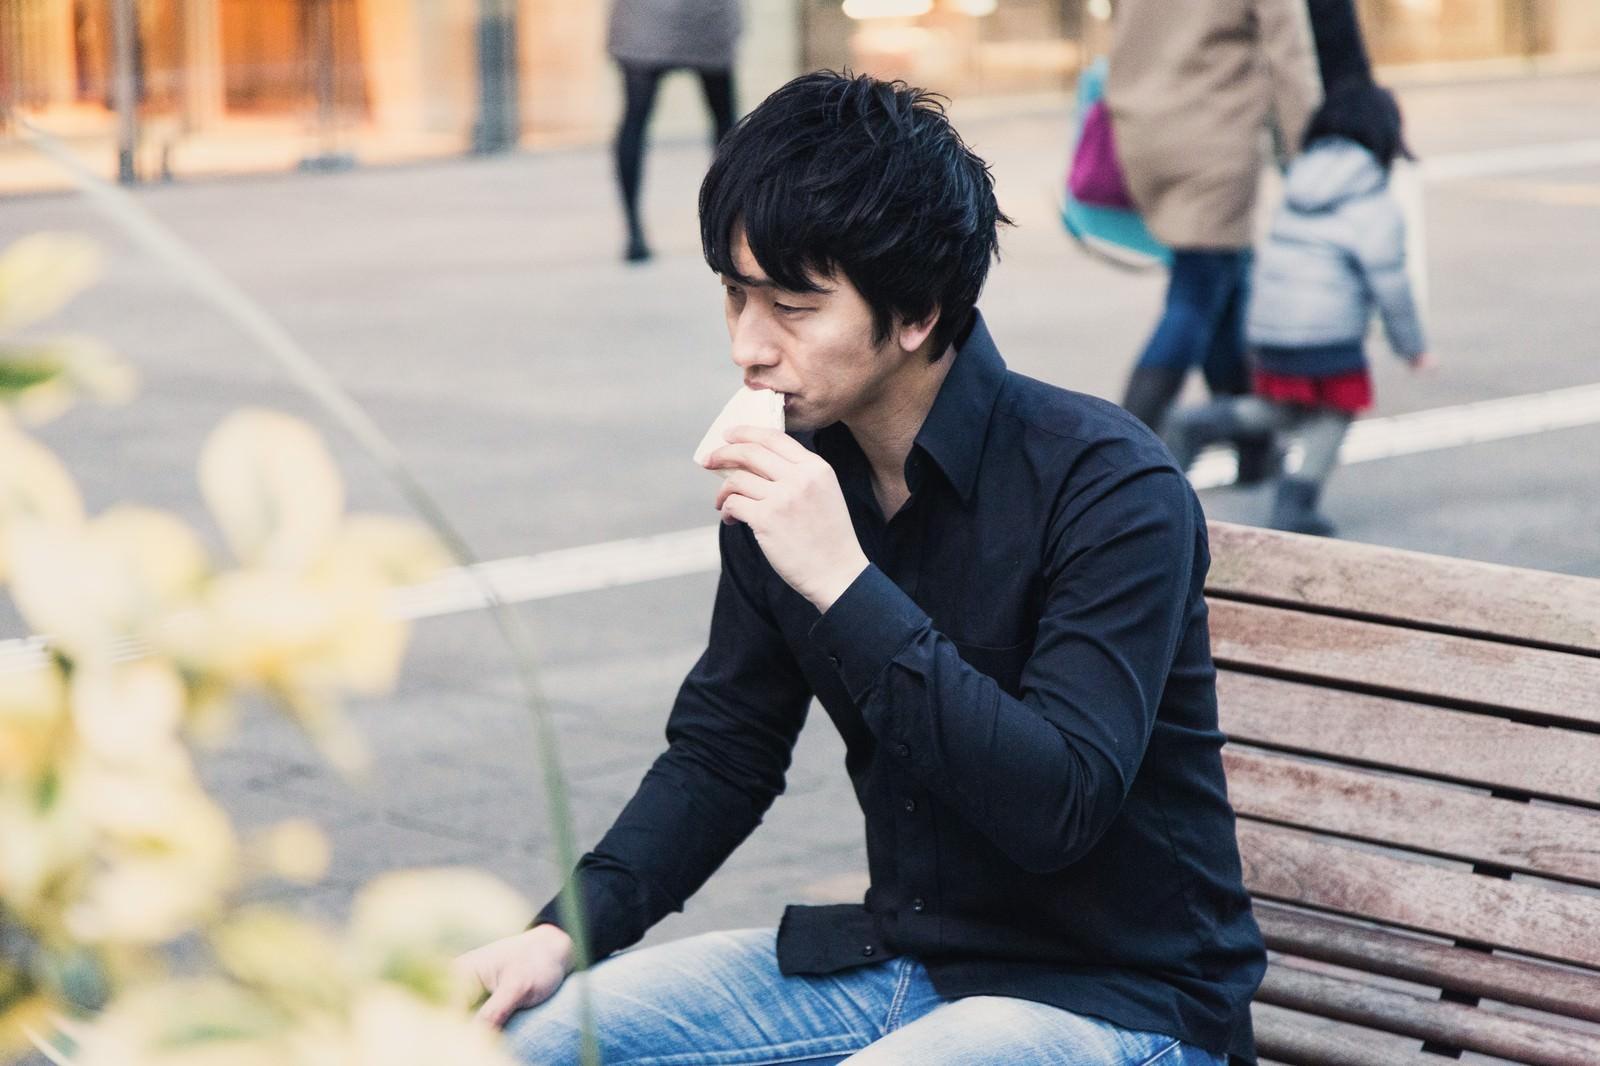 「ベンチでランチをするアパレル店員」の写真[モデル:大川竜弥]